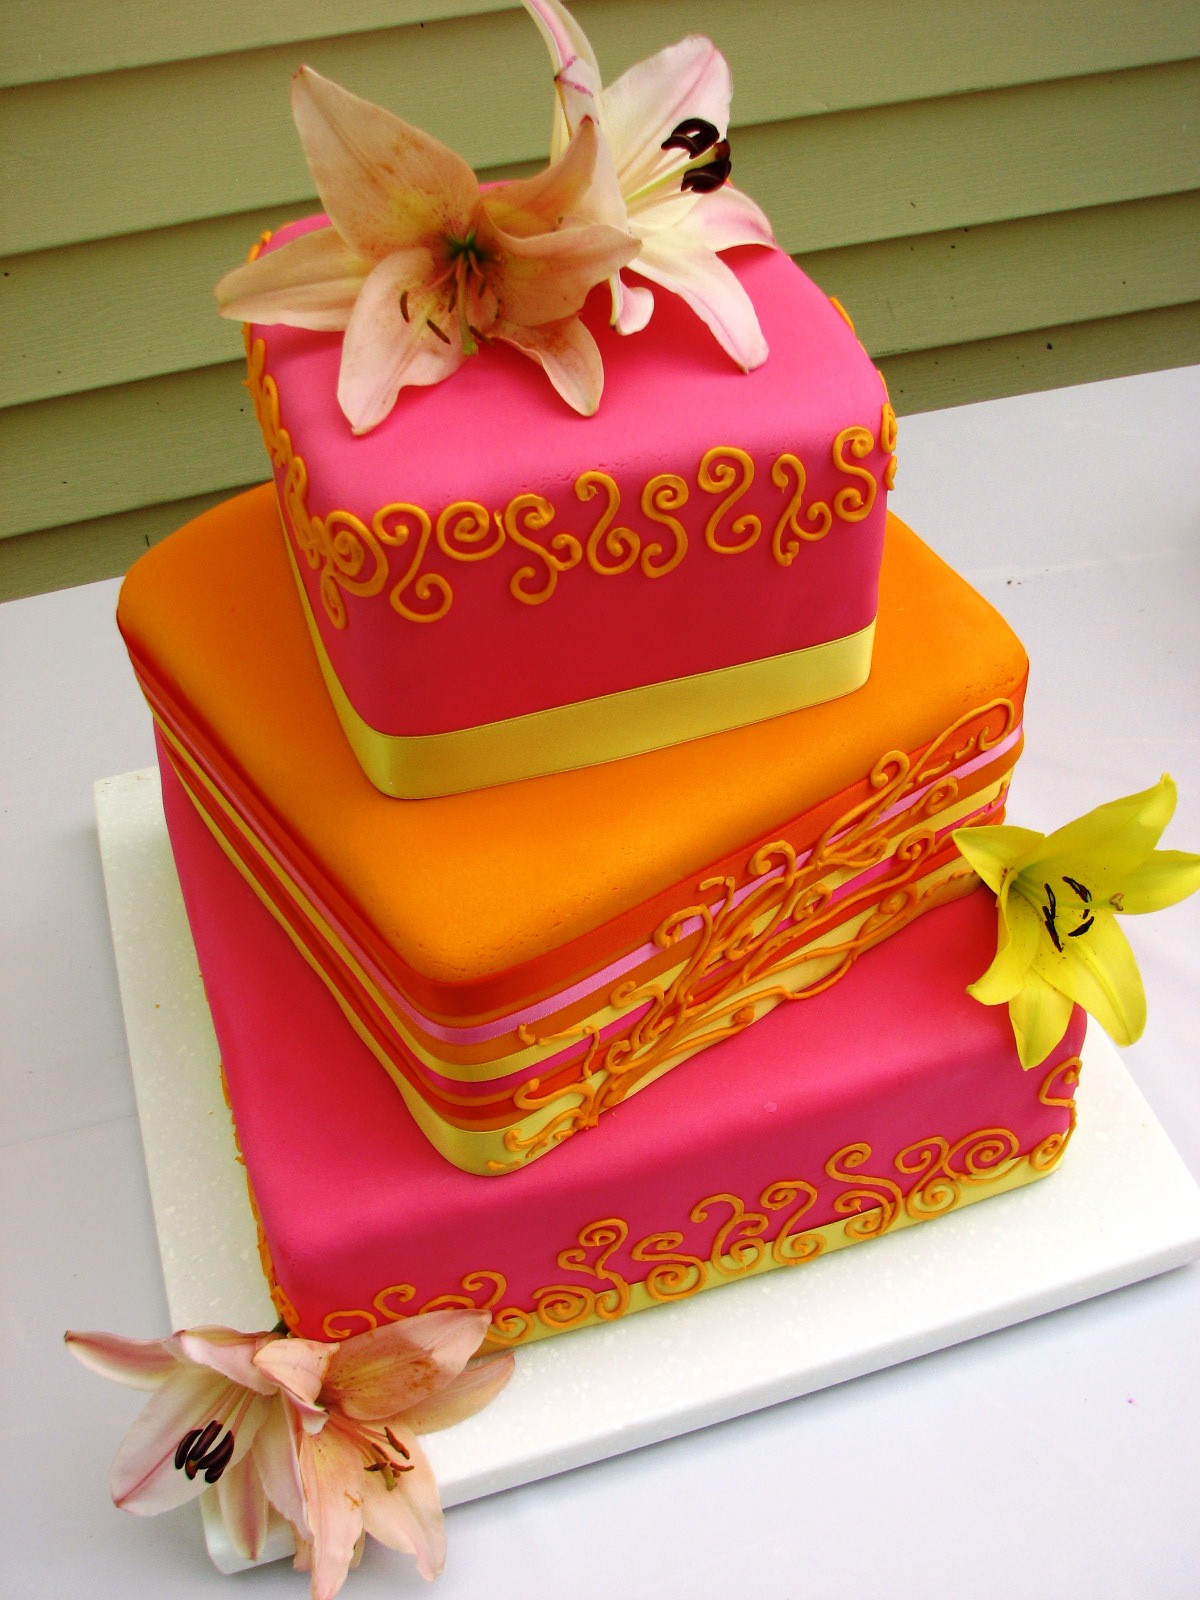 Kings Hawaiian Wedding Cakes  Kings Hawaiian Wedding Cake — CRIOLLA Brithday & Wedding